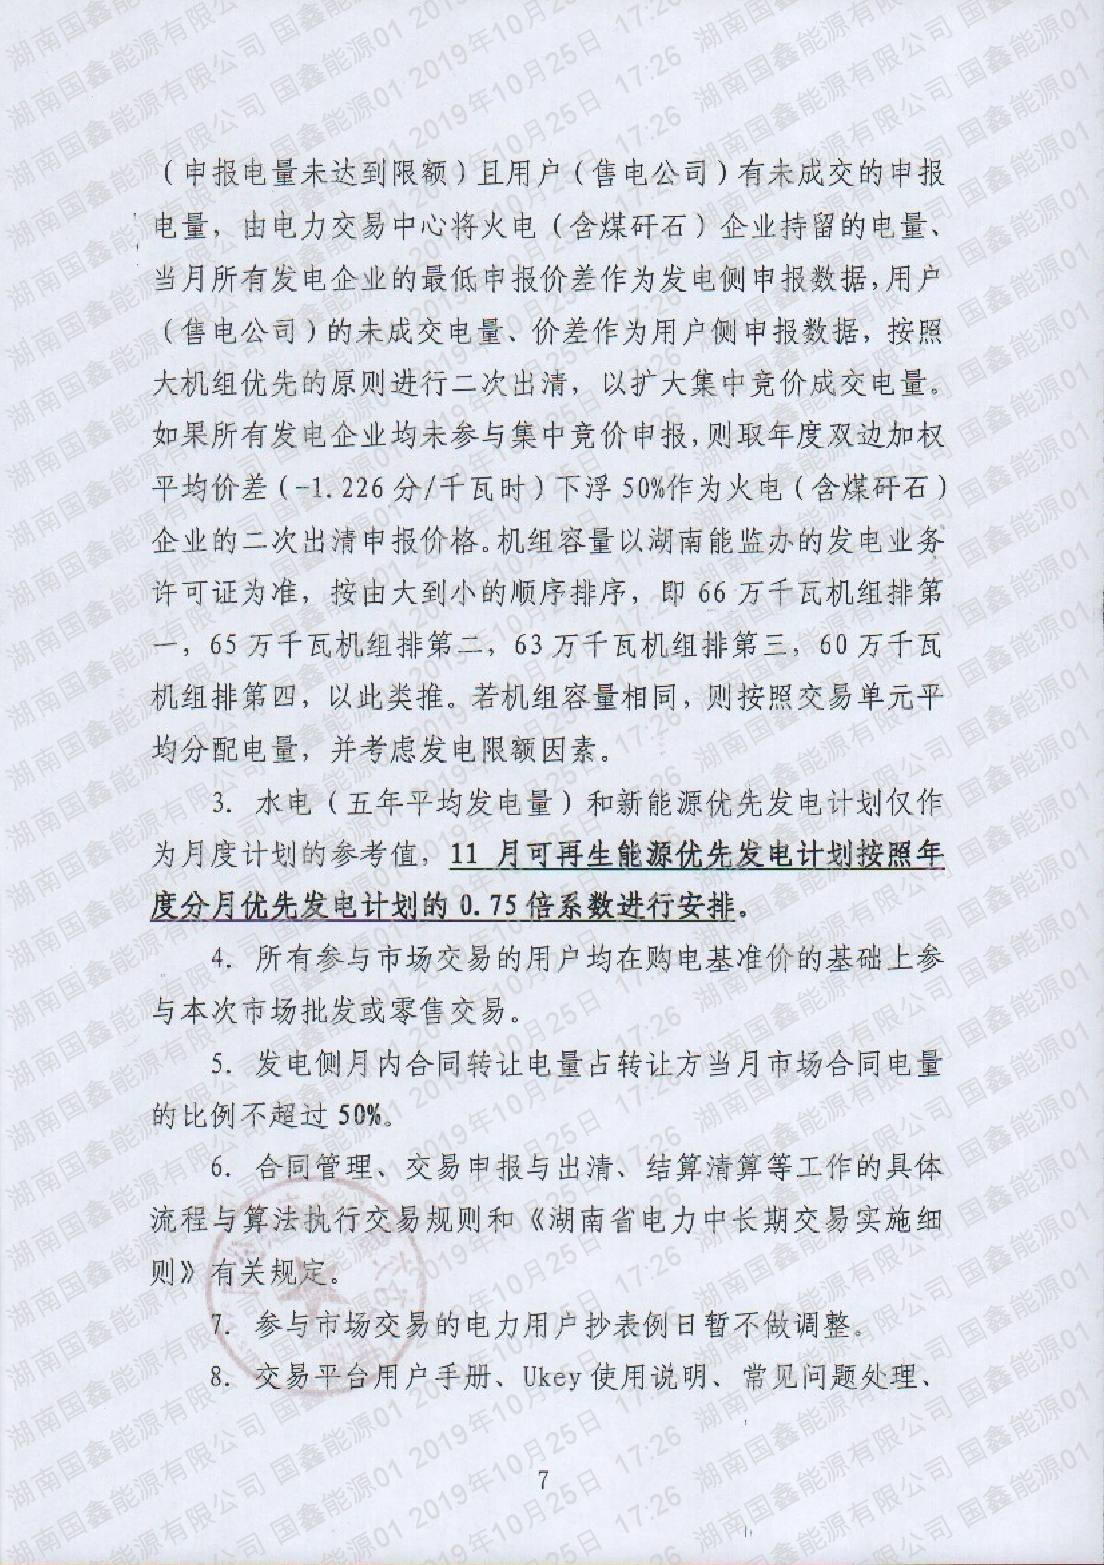 2019年第28号交易公告(11月月度交易).pdf_page_7_compressed.jpg